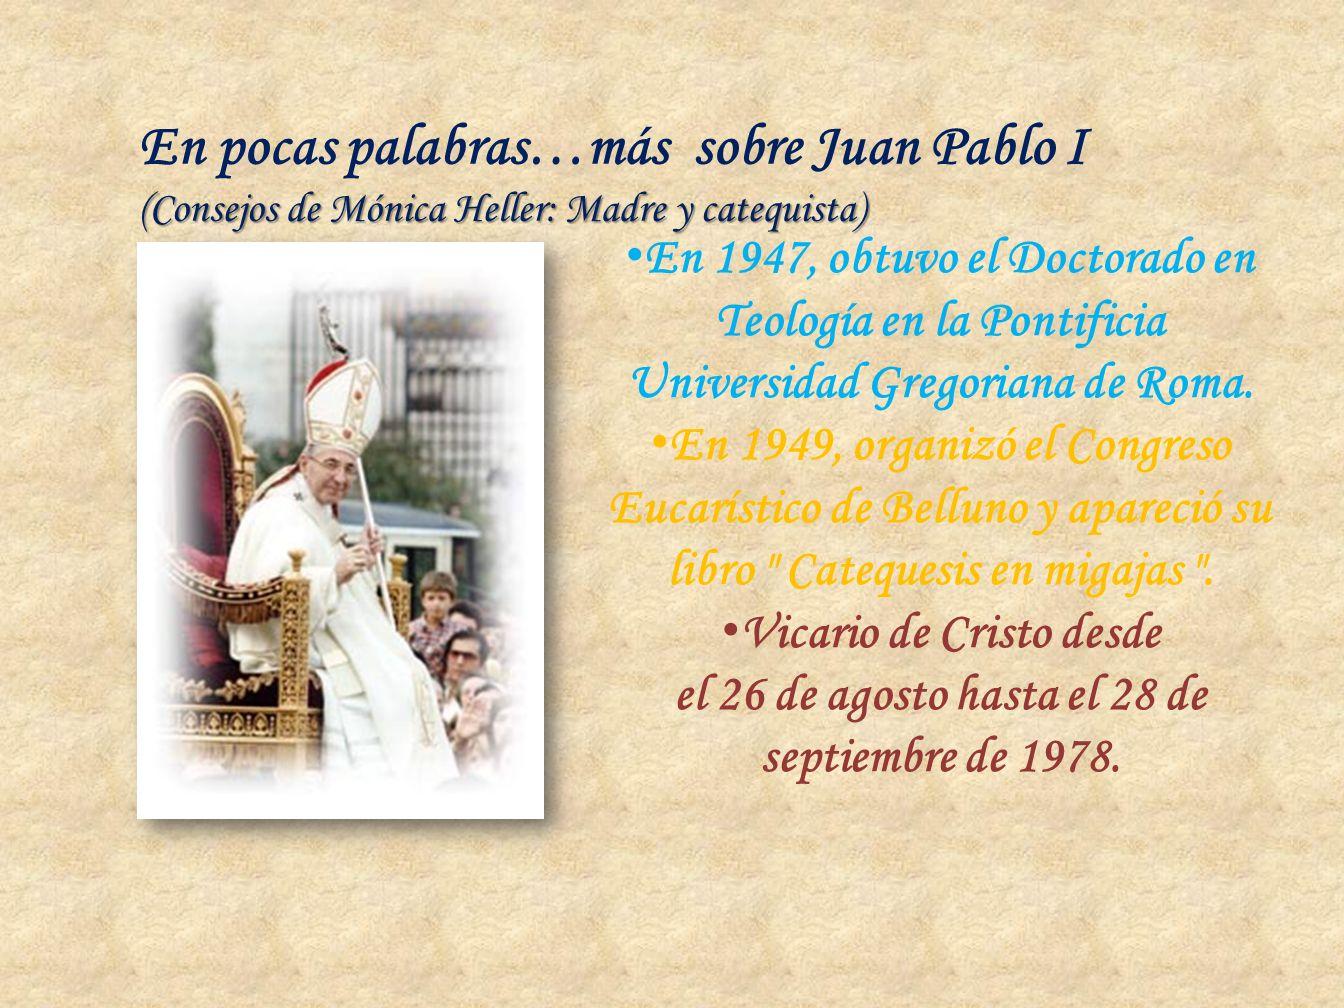 (Consejos de Mónica Heller: Madre y catequista) En pocas palabras…más sobre Juan Pablo I (Consejos de Mónica Heller: Madre y catequista) En 1947, obtu